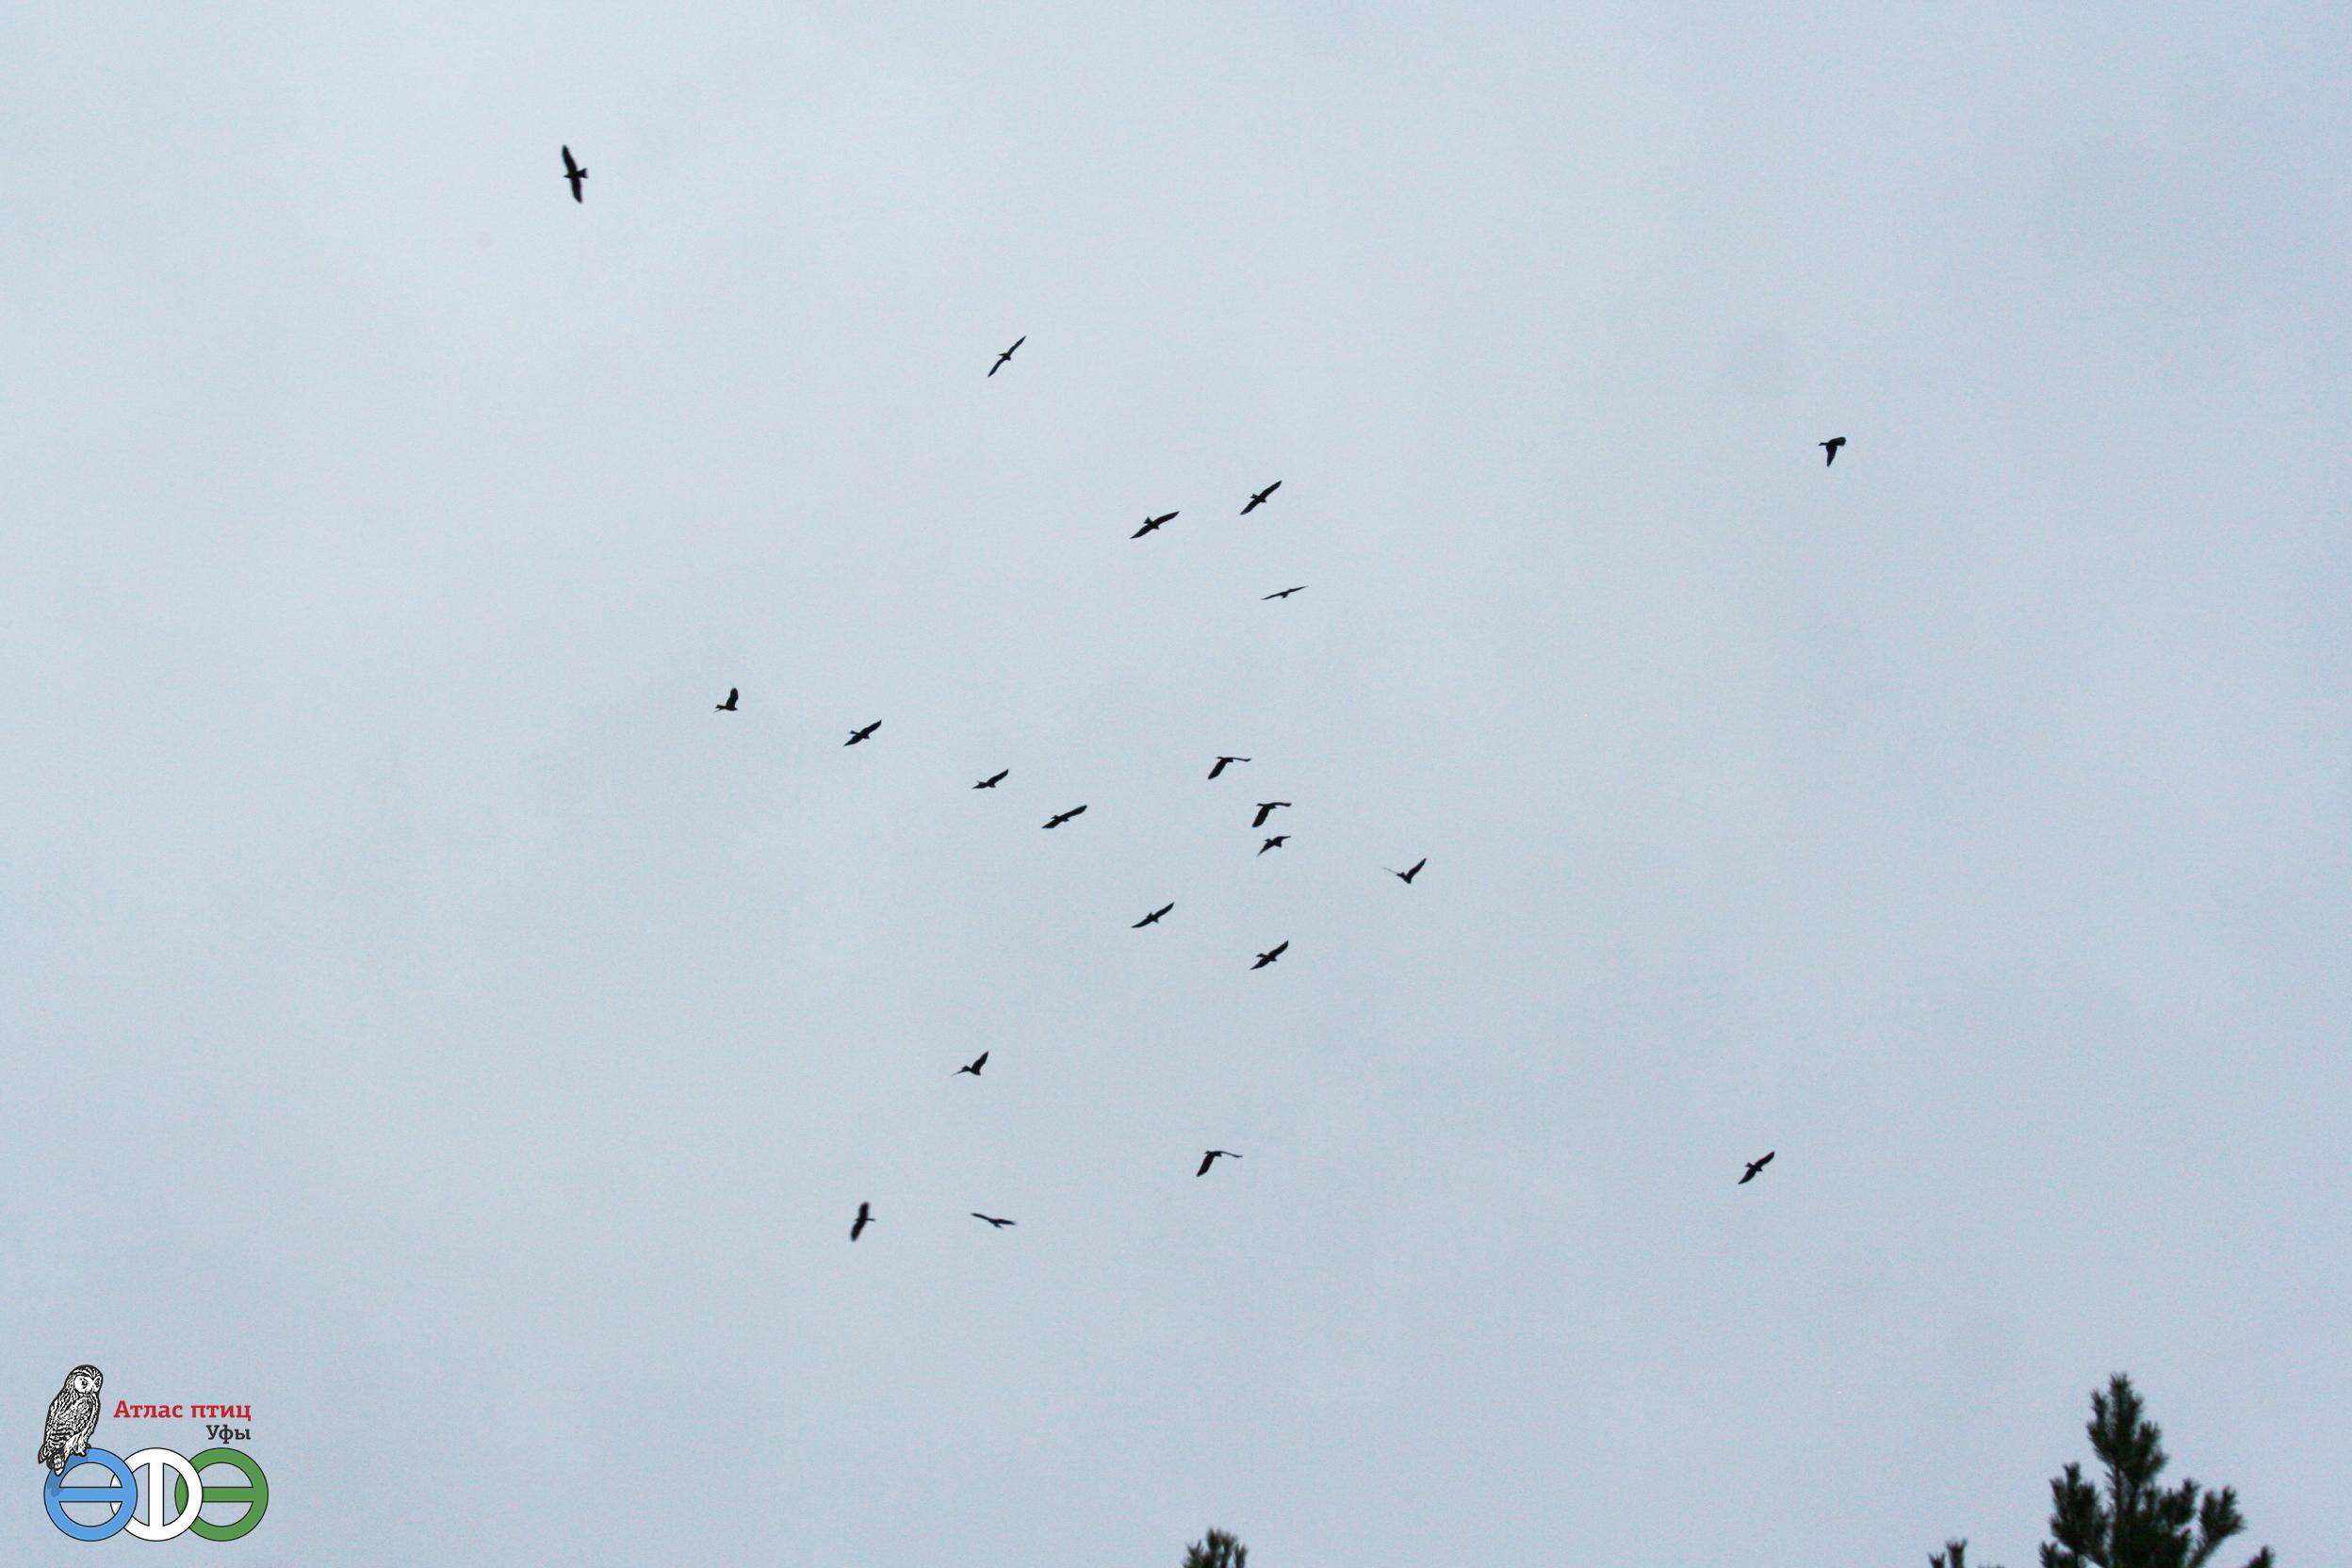 Чёрный коршун, 15.04.2019 г., Архангельский район (фото Хамитовой Г.)